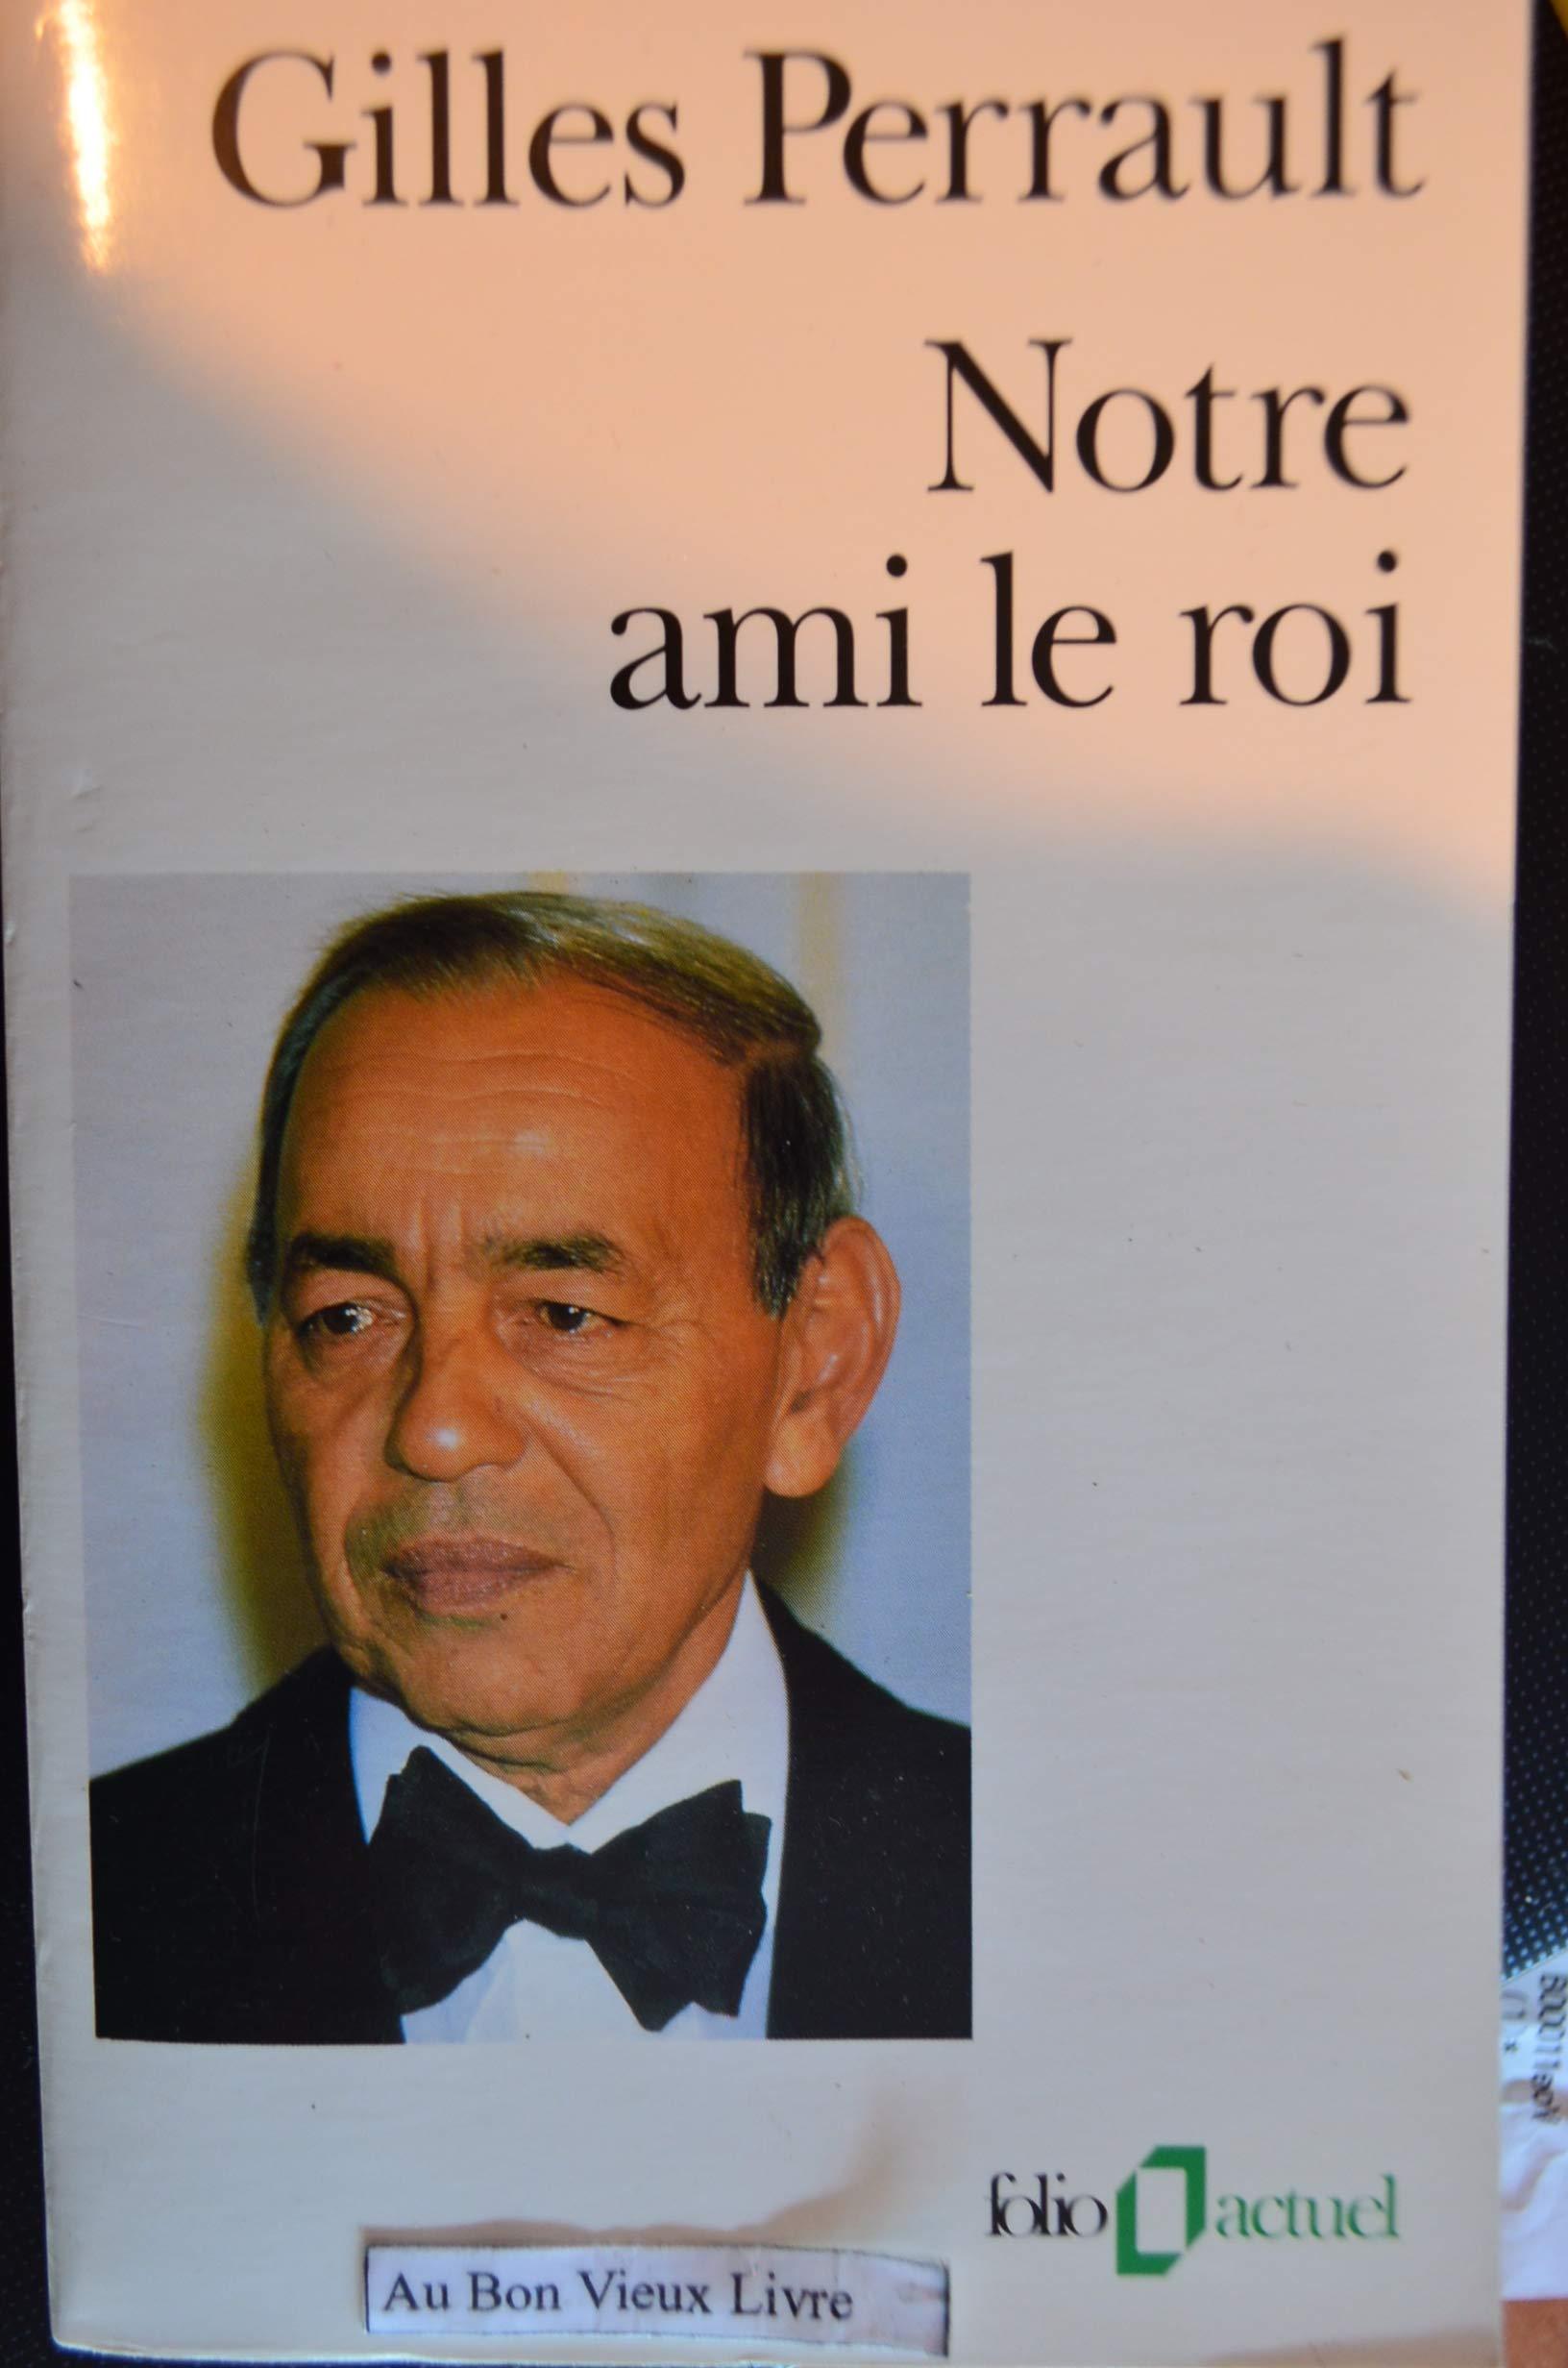 TÉLÉCHARGER NOTRE AMI LE ROI GILLES PERRAULT GRATUITEMENT